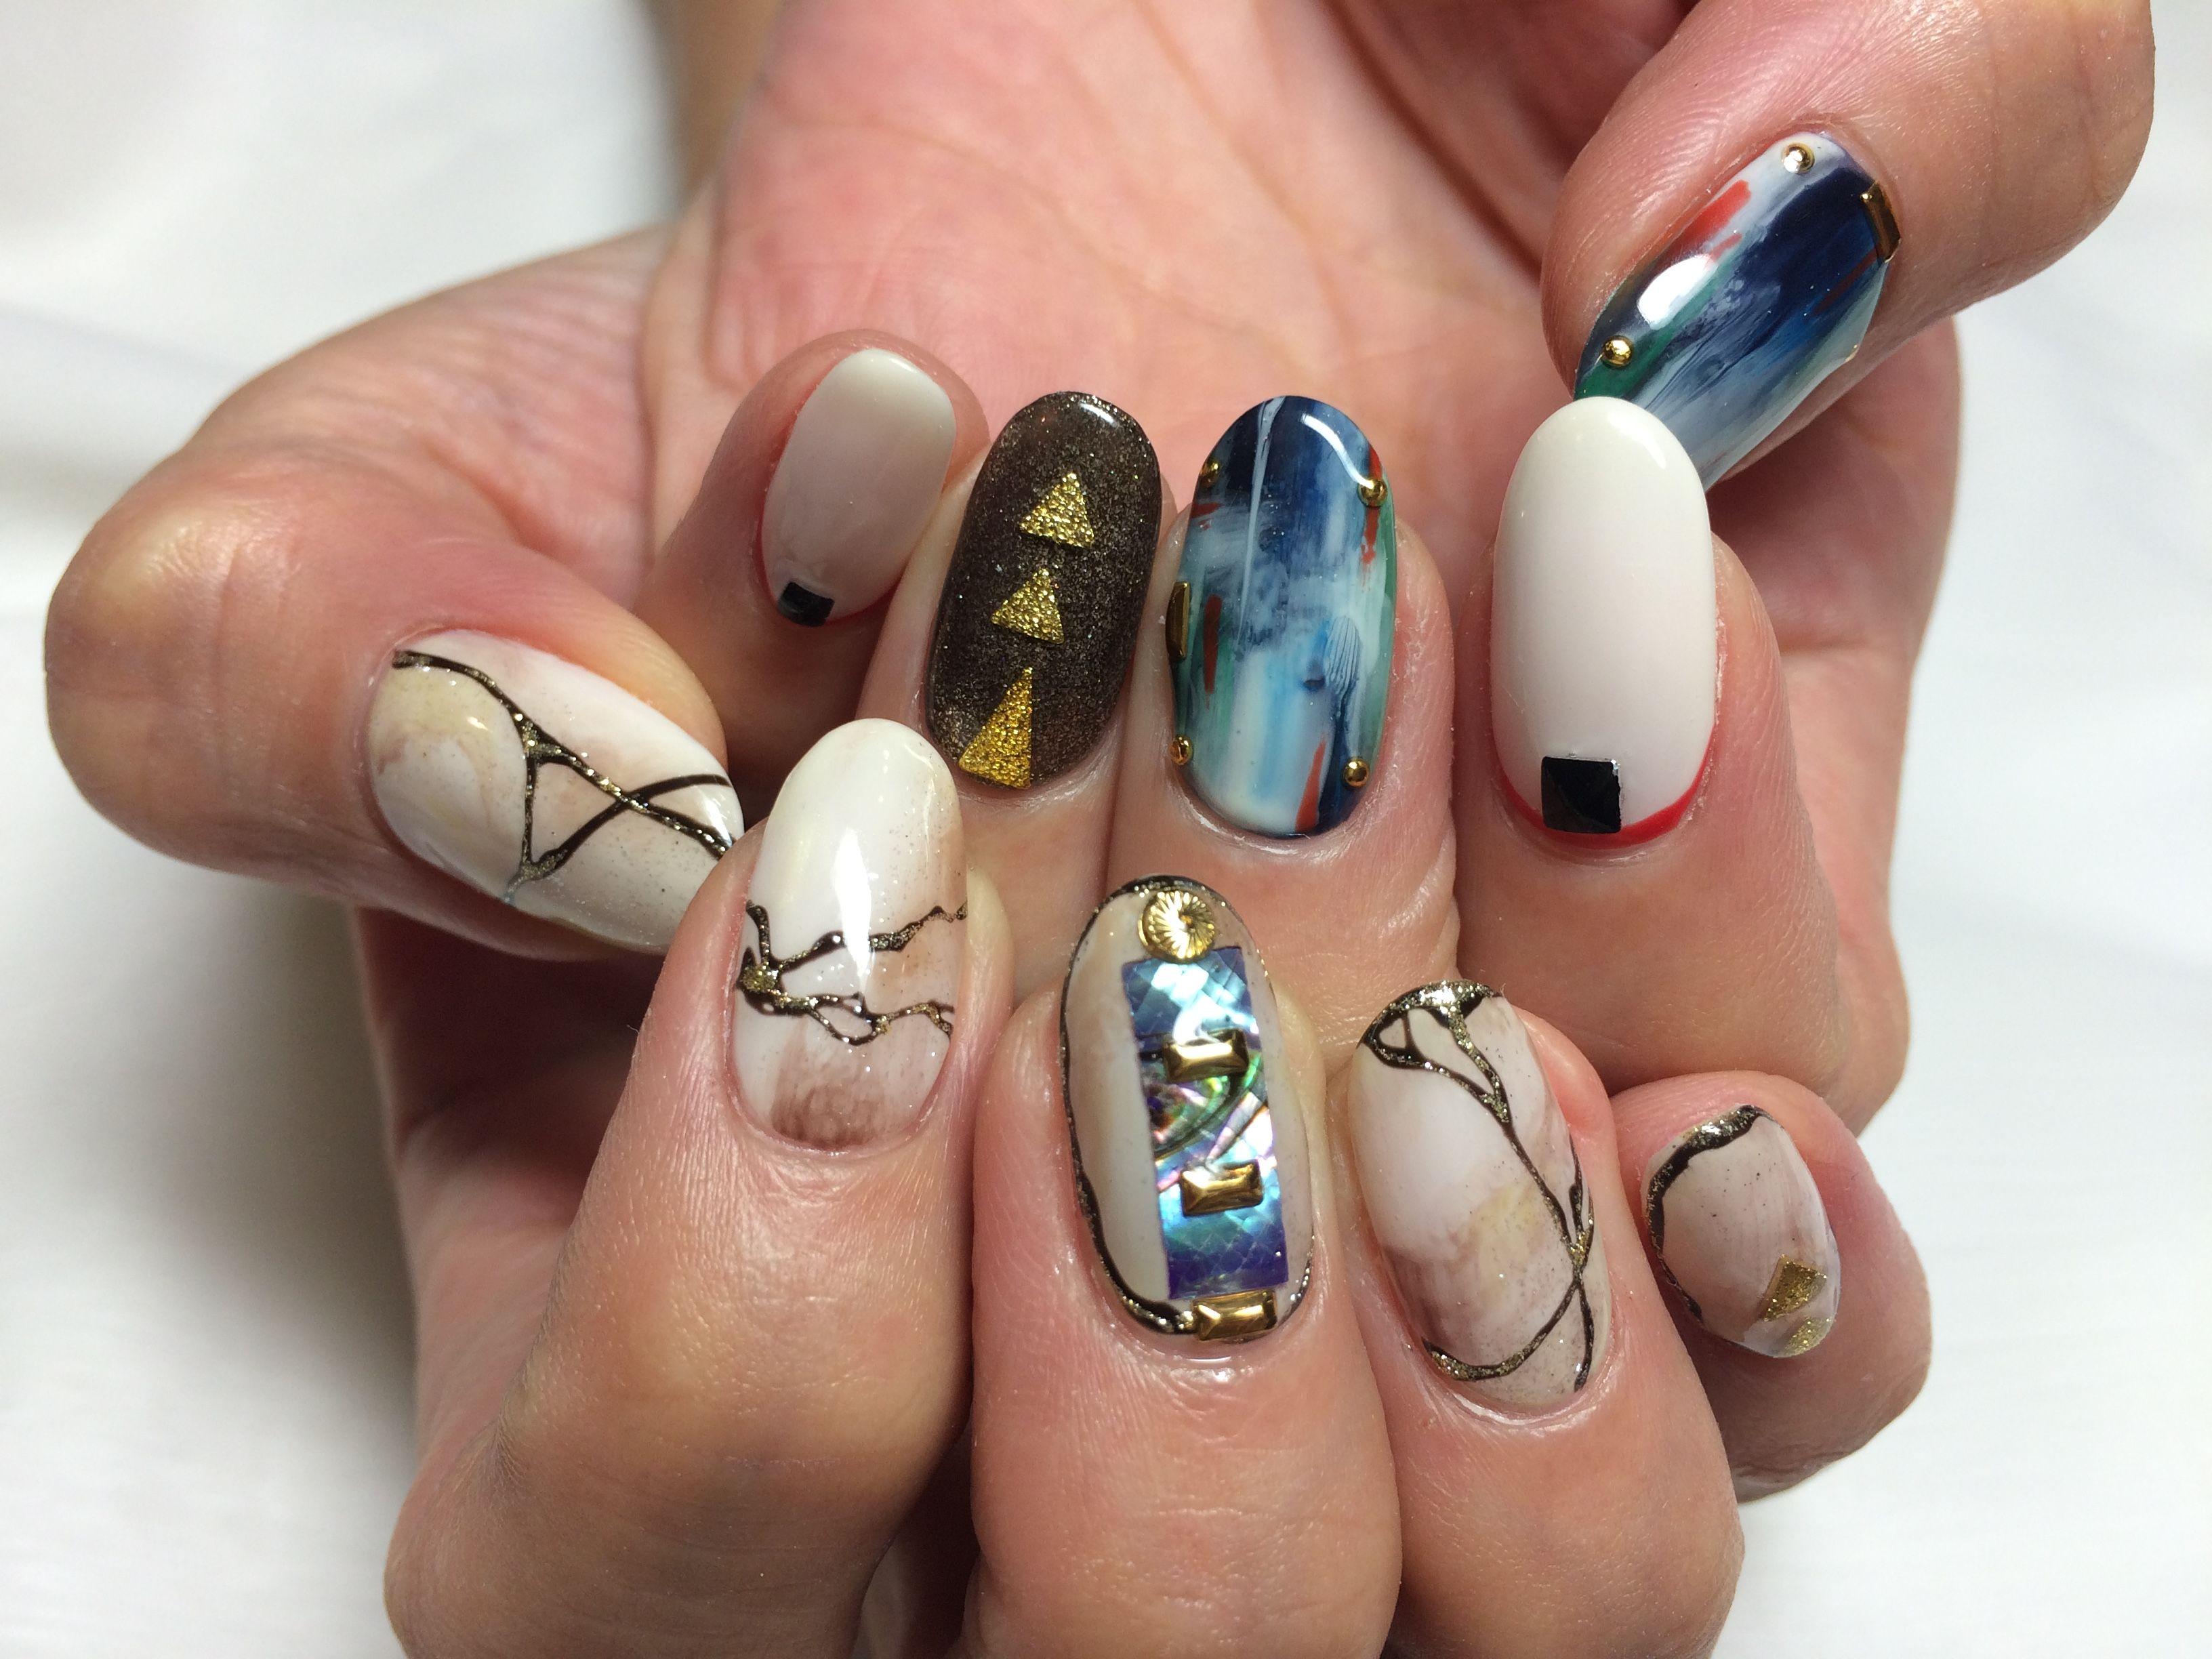 Köp 24pcs/lot Fake Nail Cute Design Nail Art False Tips